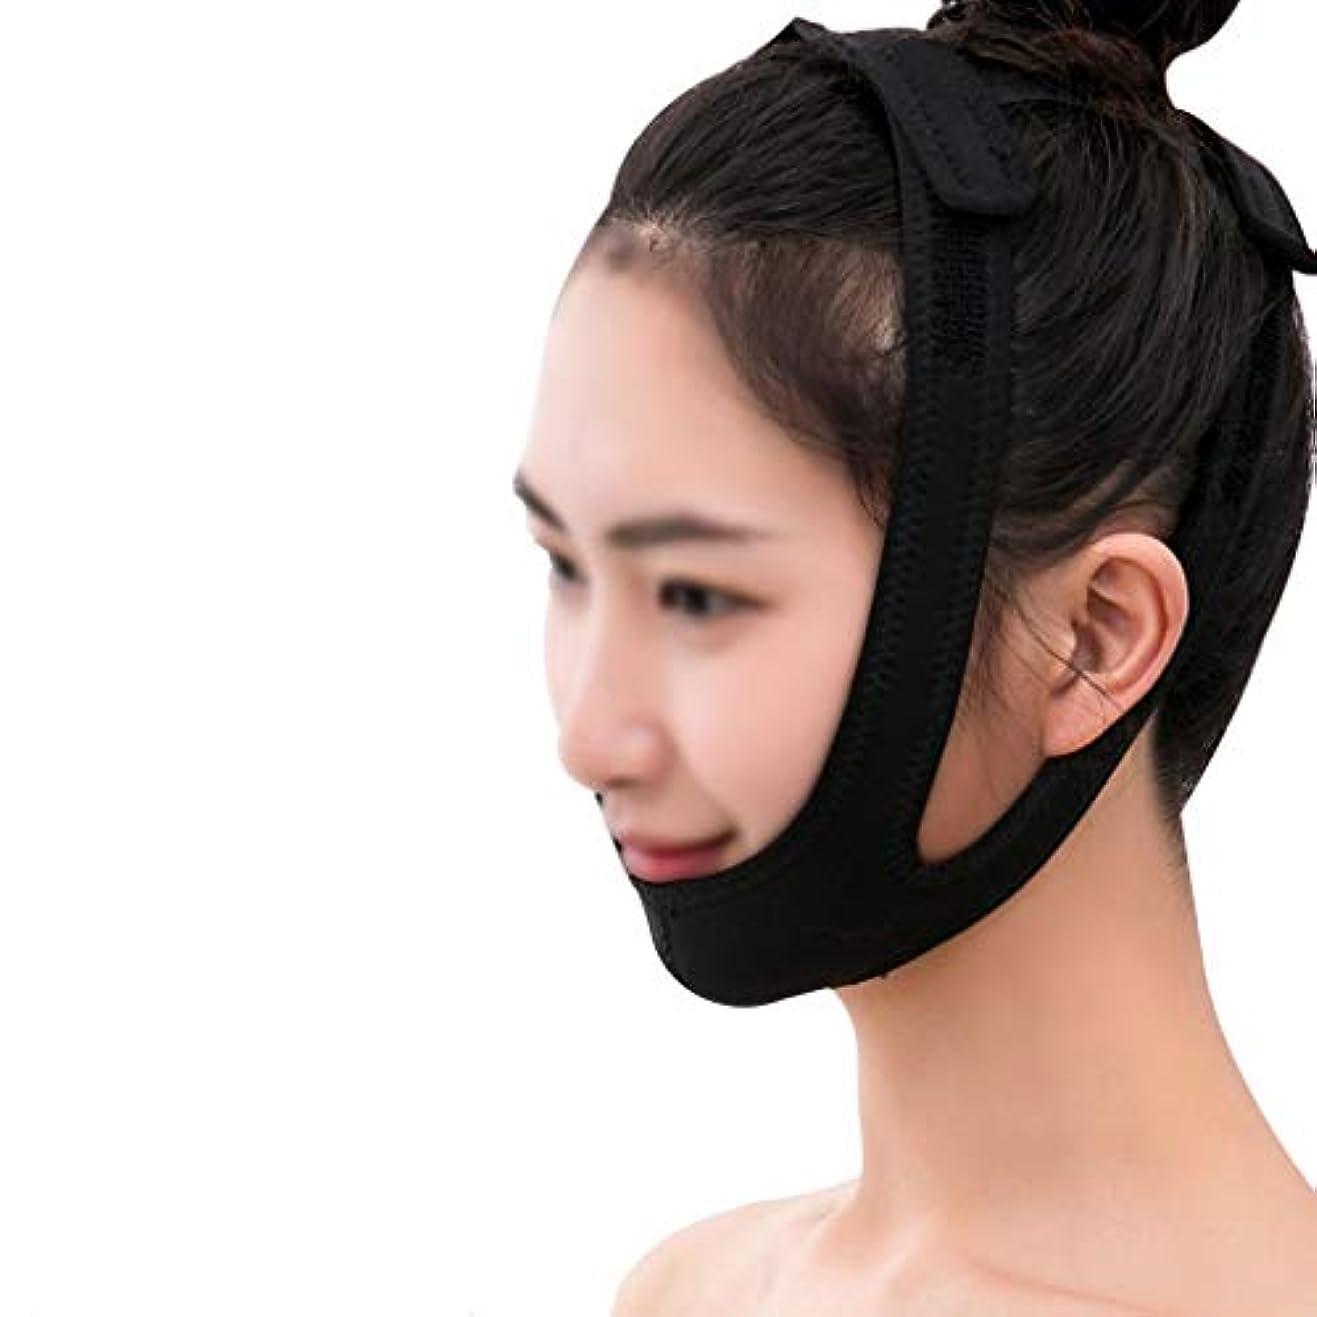 海港溝保持するフェイシャルリフティングマスク、医療用ワイヤーカービングリカバリーヘッドギアVフェイス包帯ダブルチンフェイスリフトマスク